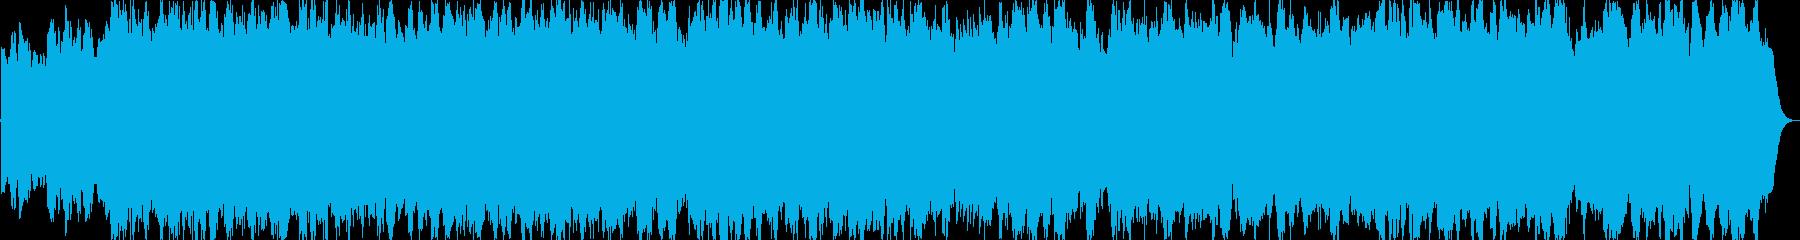 パイプオルガンの壮大な4声のオリジナル曲の再生済みの波形